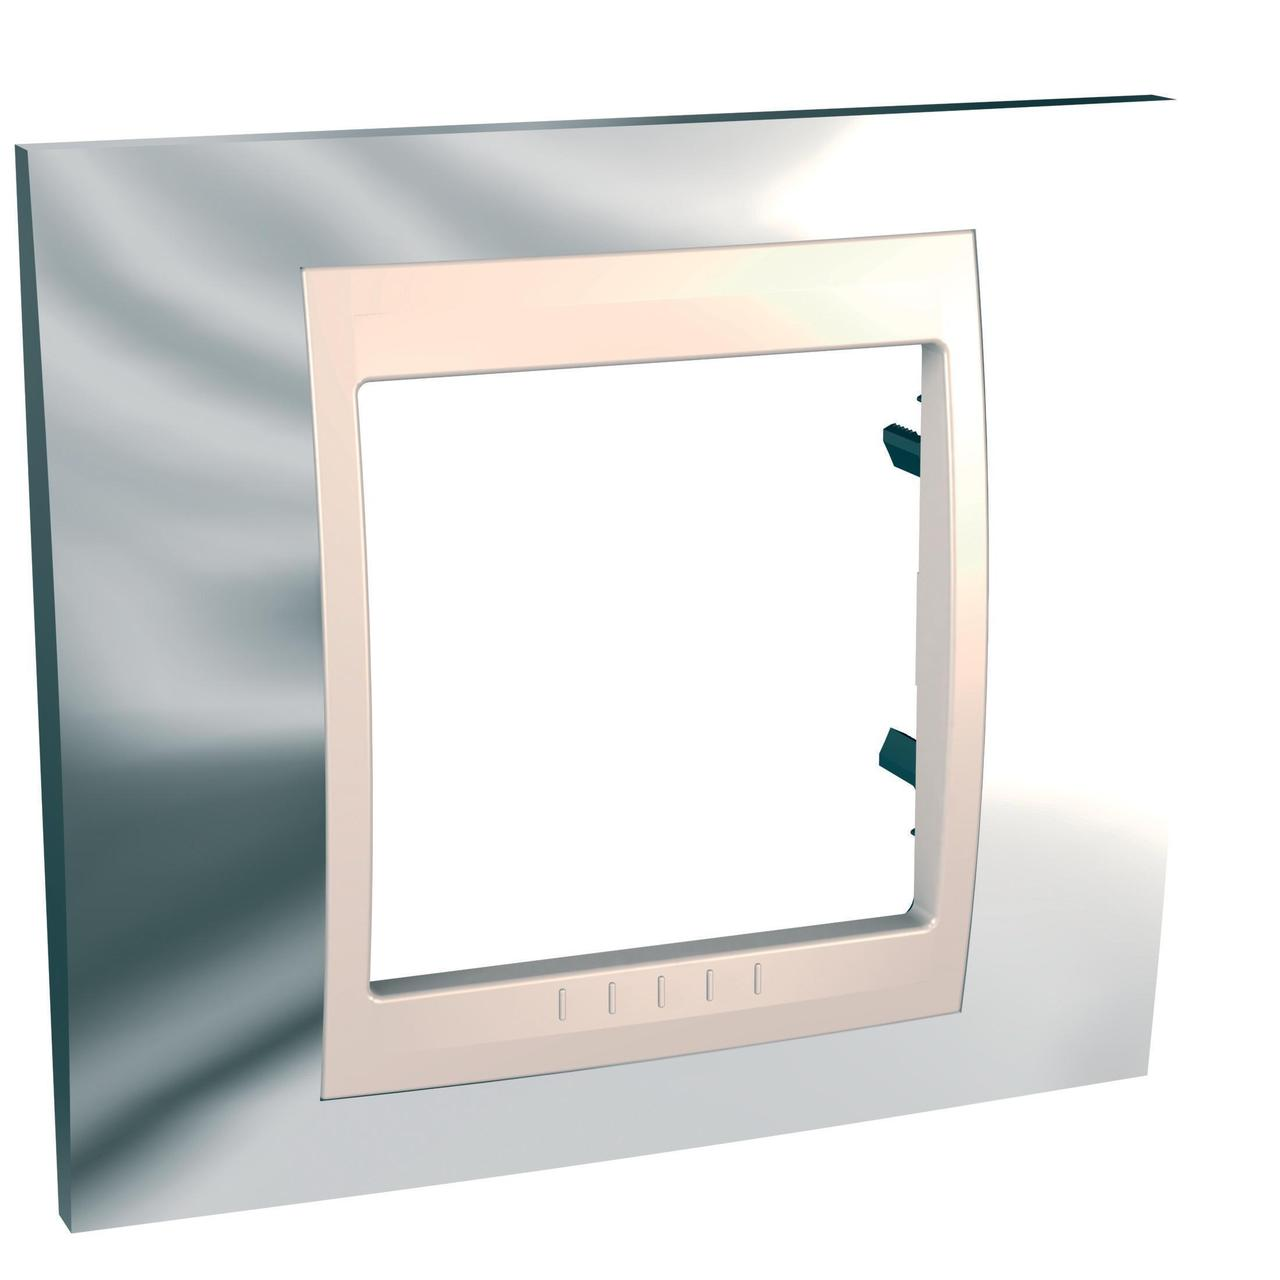 Рамка 1-ая (одинарная), Серебро/Бежевый, серия Unica, Schneider Electric